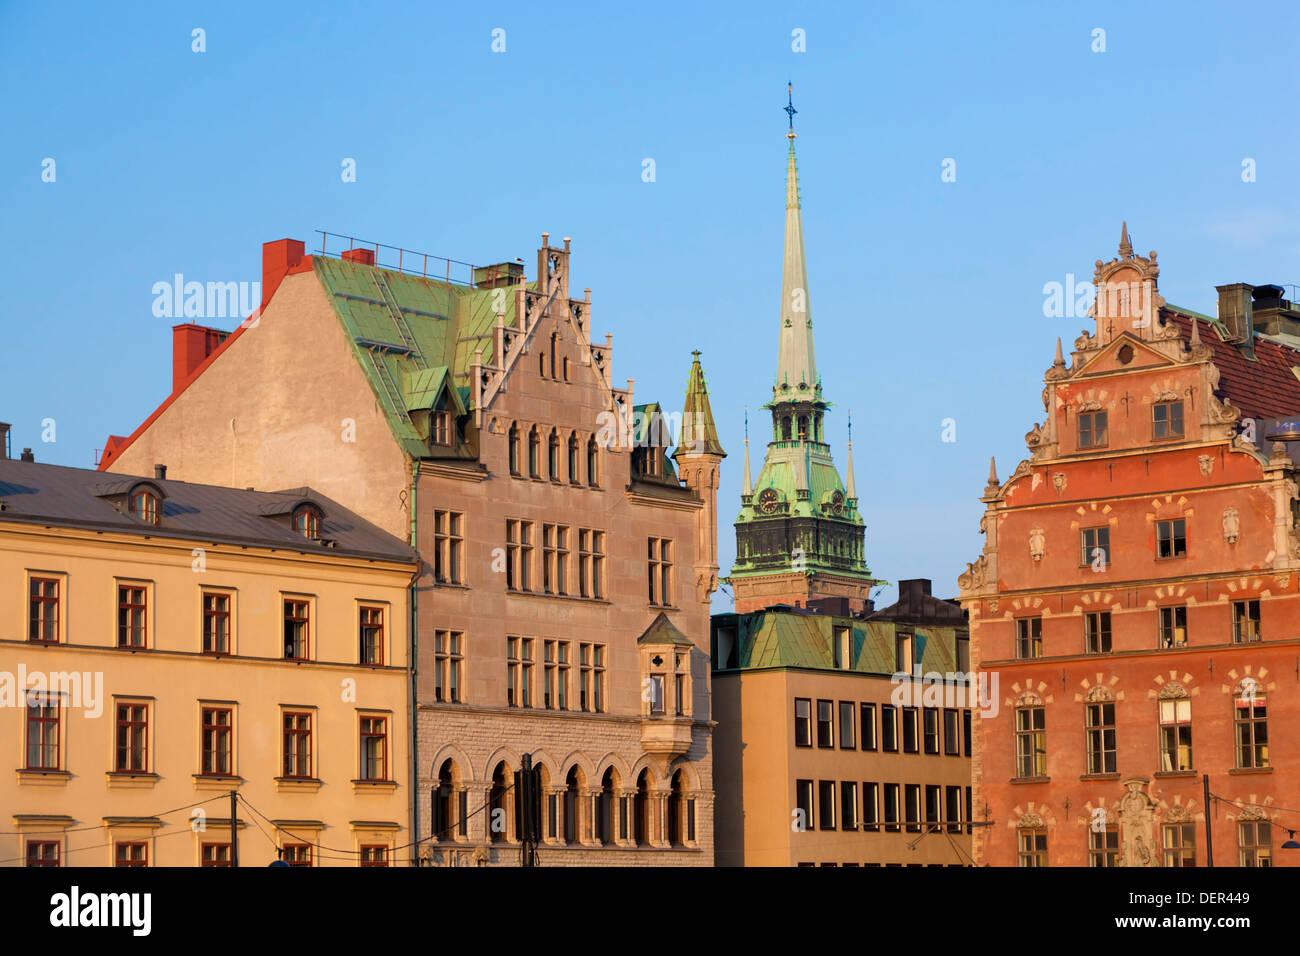 Città vecchia di edifici in nel distretto Gamla Stan di Stoccolma, Svezia. Immagini Stock